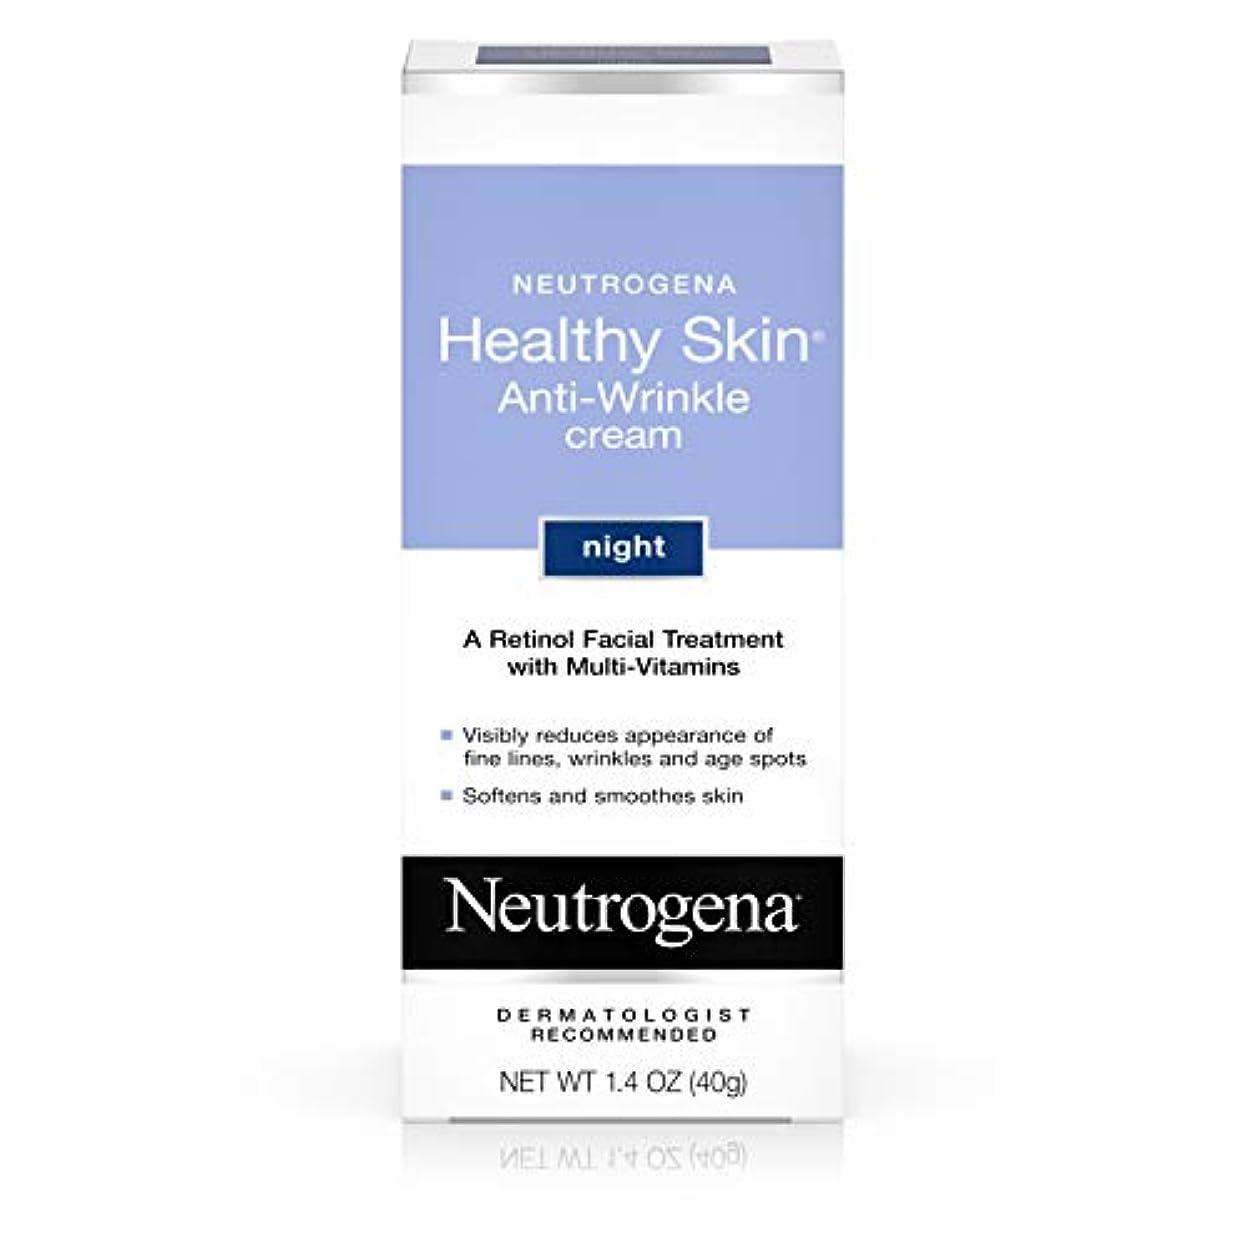 カスケードフロー立法Neutrogena healthy skin anti wrinkle cream, original formula - 1.4 oz (並行輸入品)